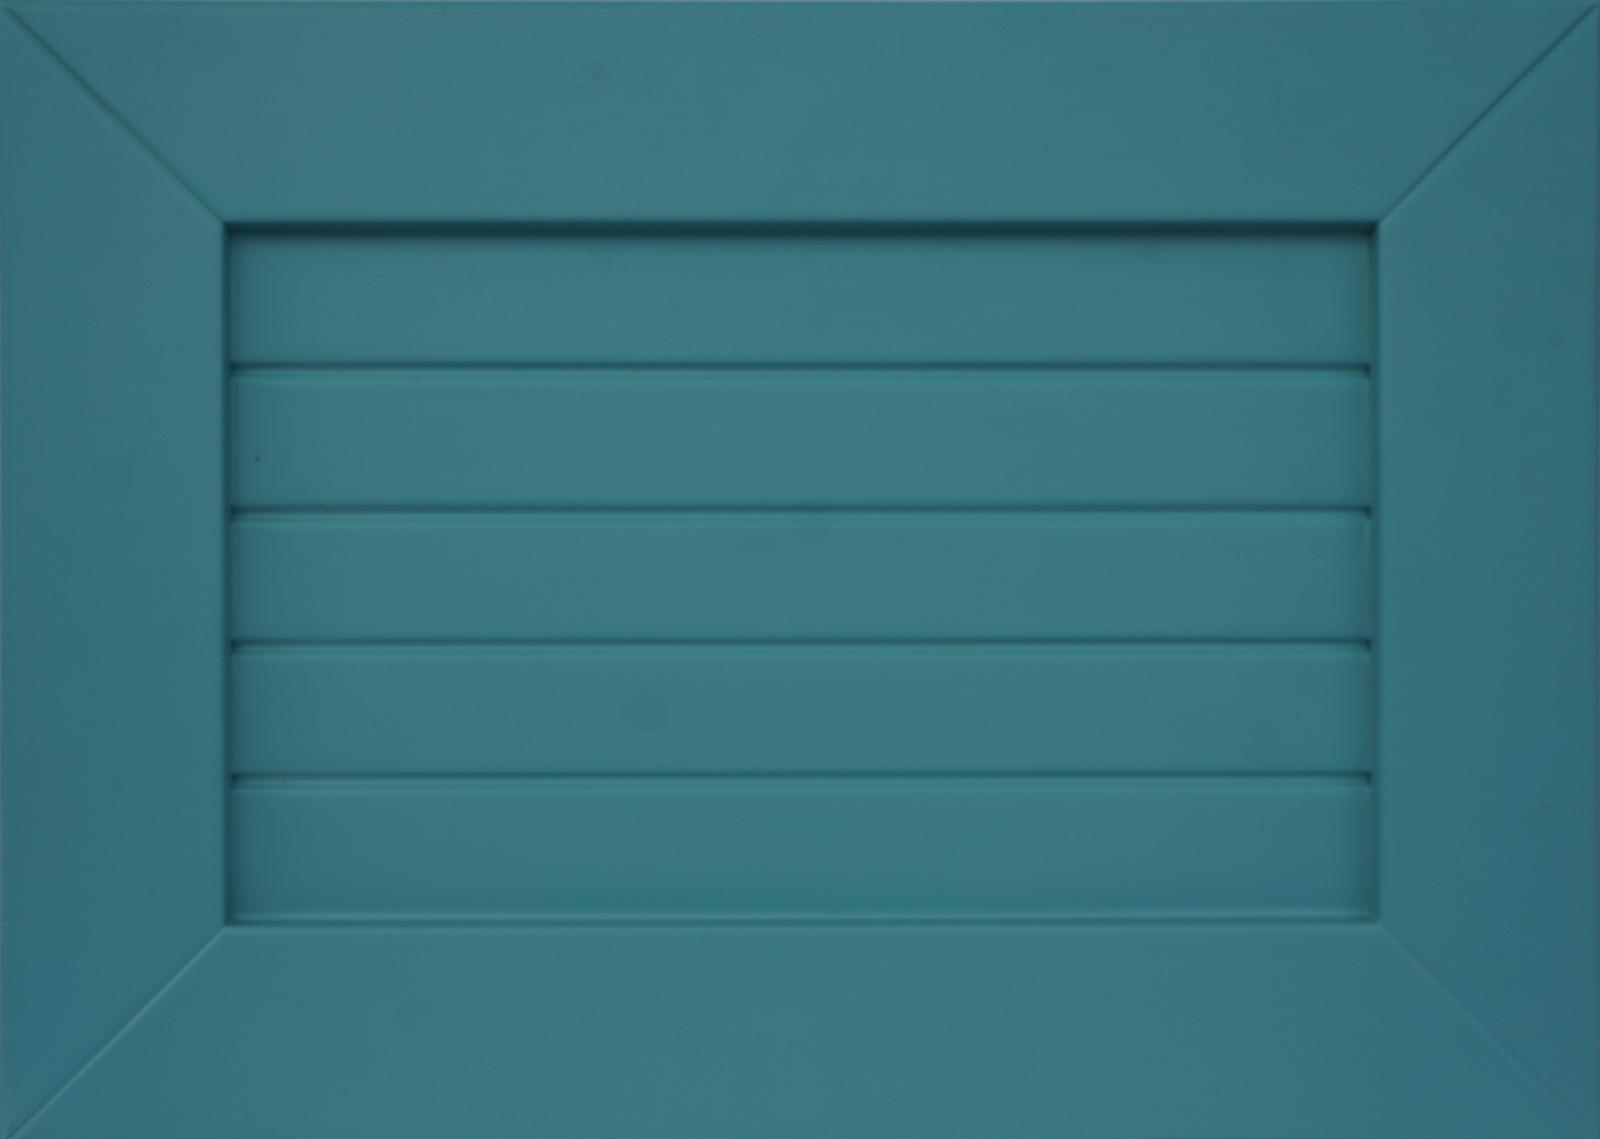 Фасад КарлаИзготавливается из массива бука или ясеня.Окрашивается в любой цвет попалитре Ral и Woodcolor